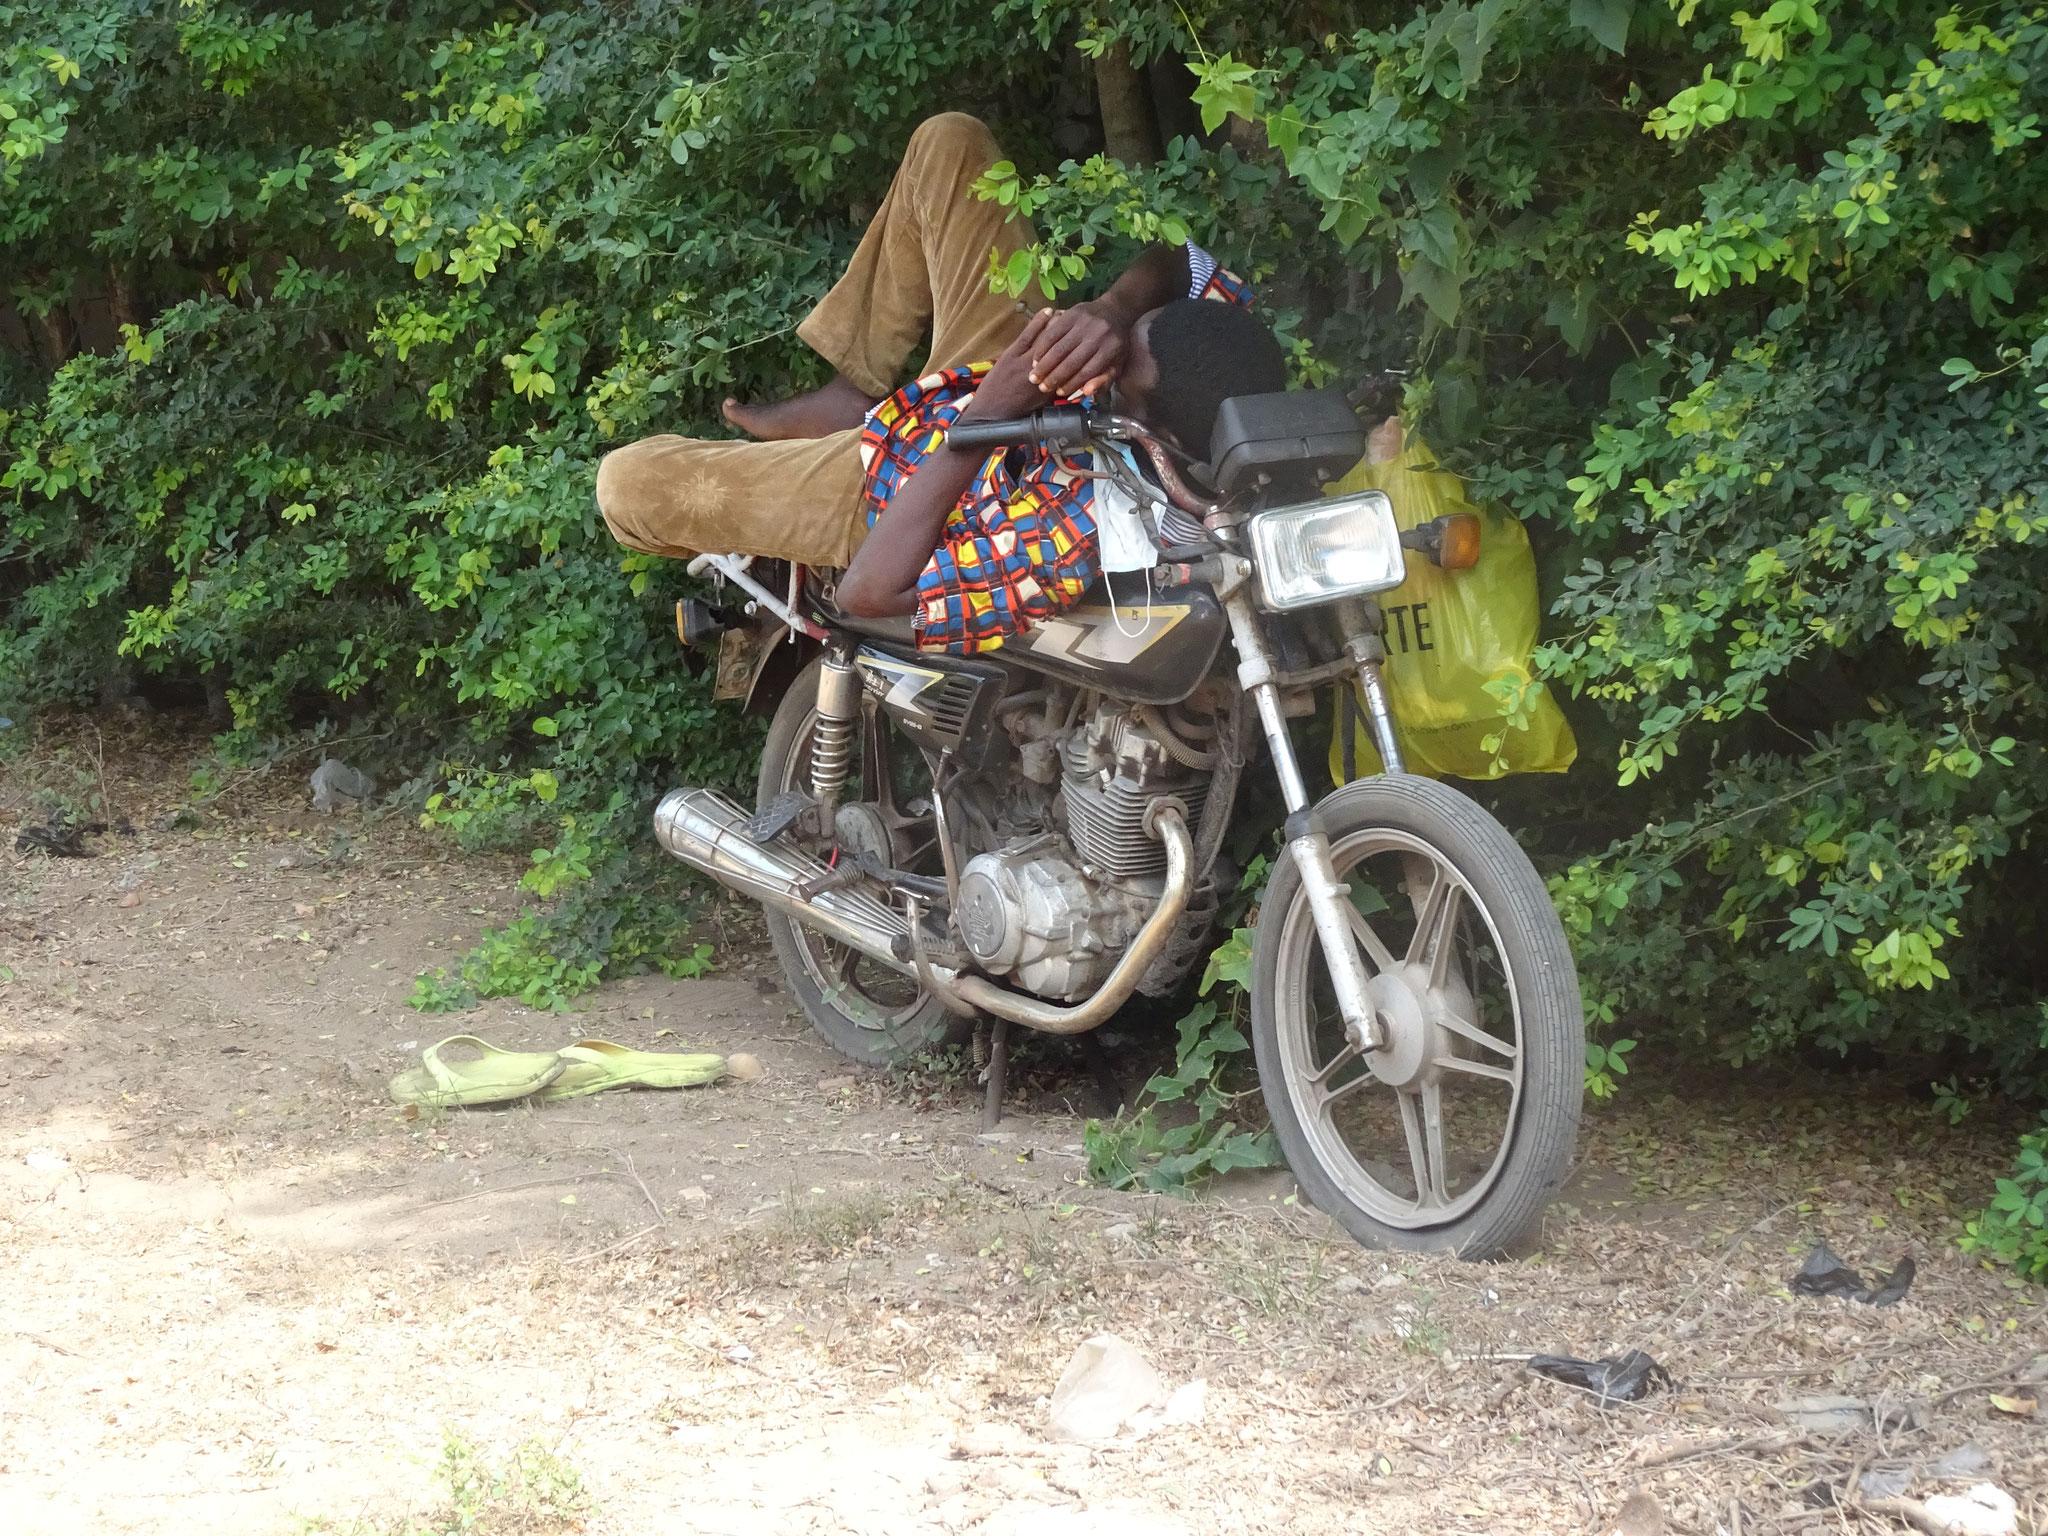 Ein alltägliches Bild. Ein Motorradtaxifahrer schläft auf seinem Motorrad.